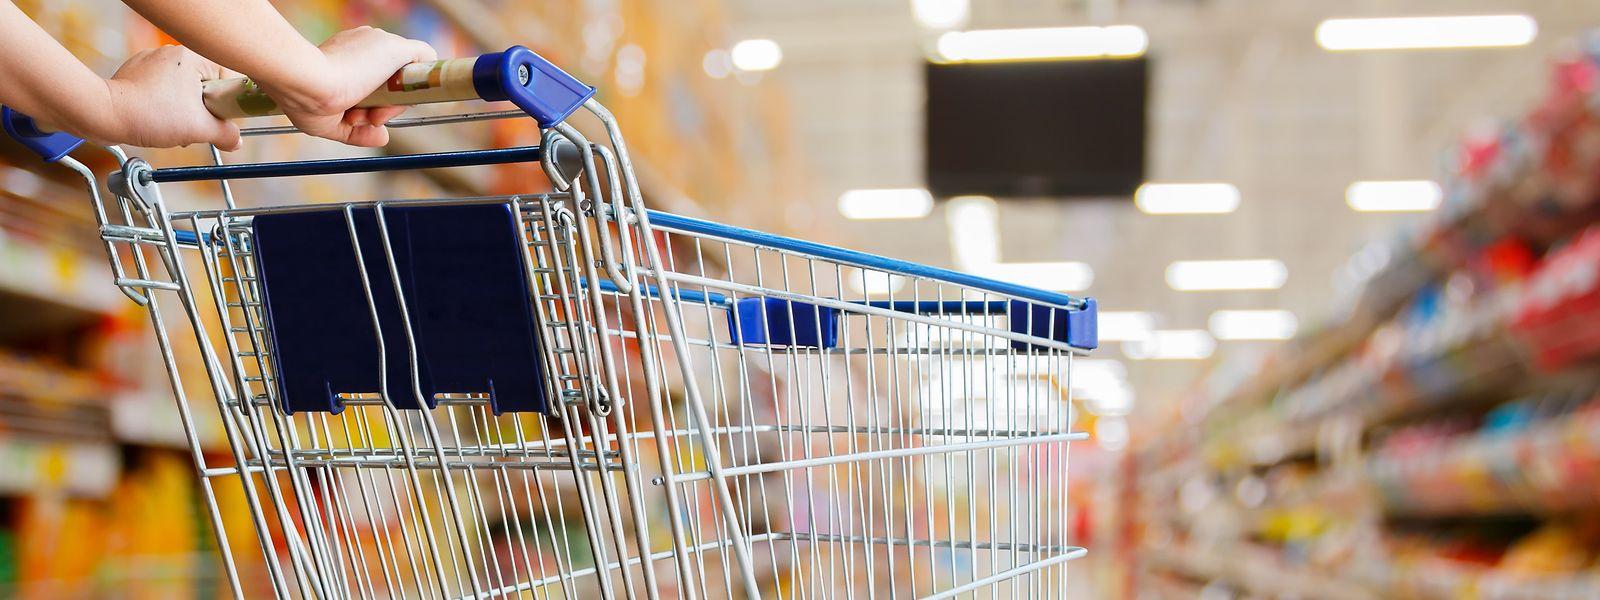 Die Ausgaben für Nahrungsmittel gehören zu den größten Ausgabenposten eines Duchschnittshaushaltes.